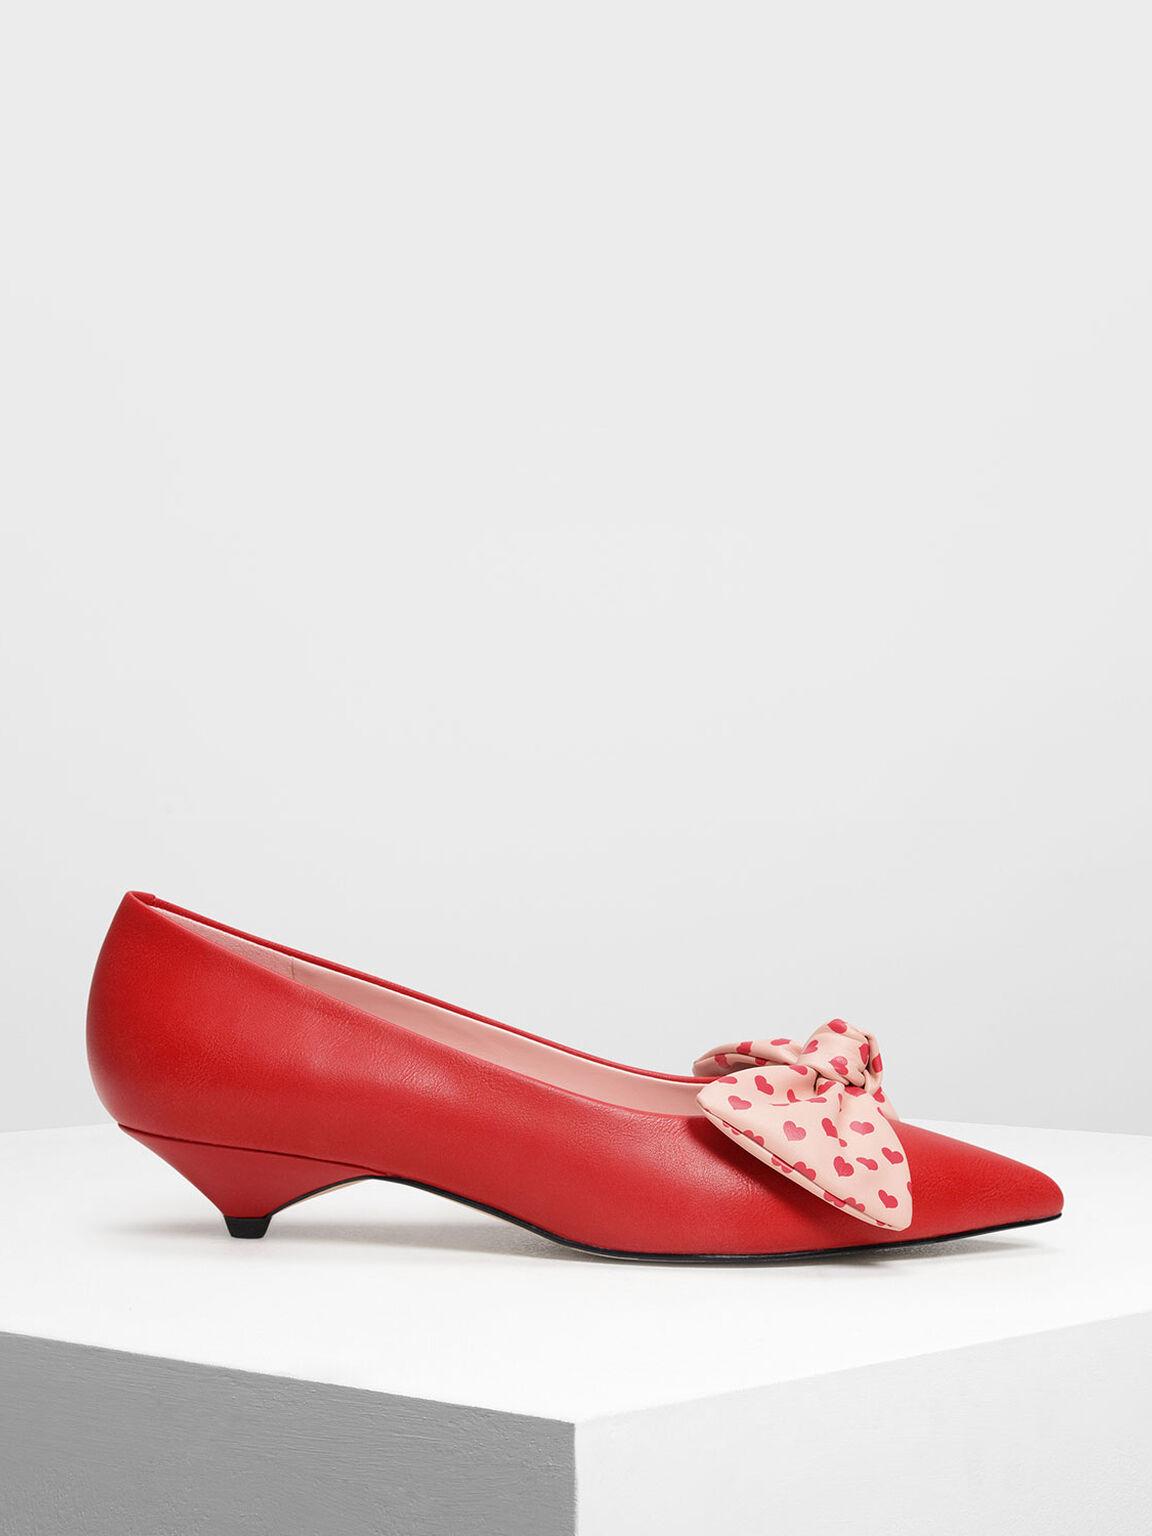 Printed Bow Kitten Heels, Red, hi-res